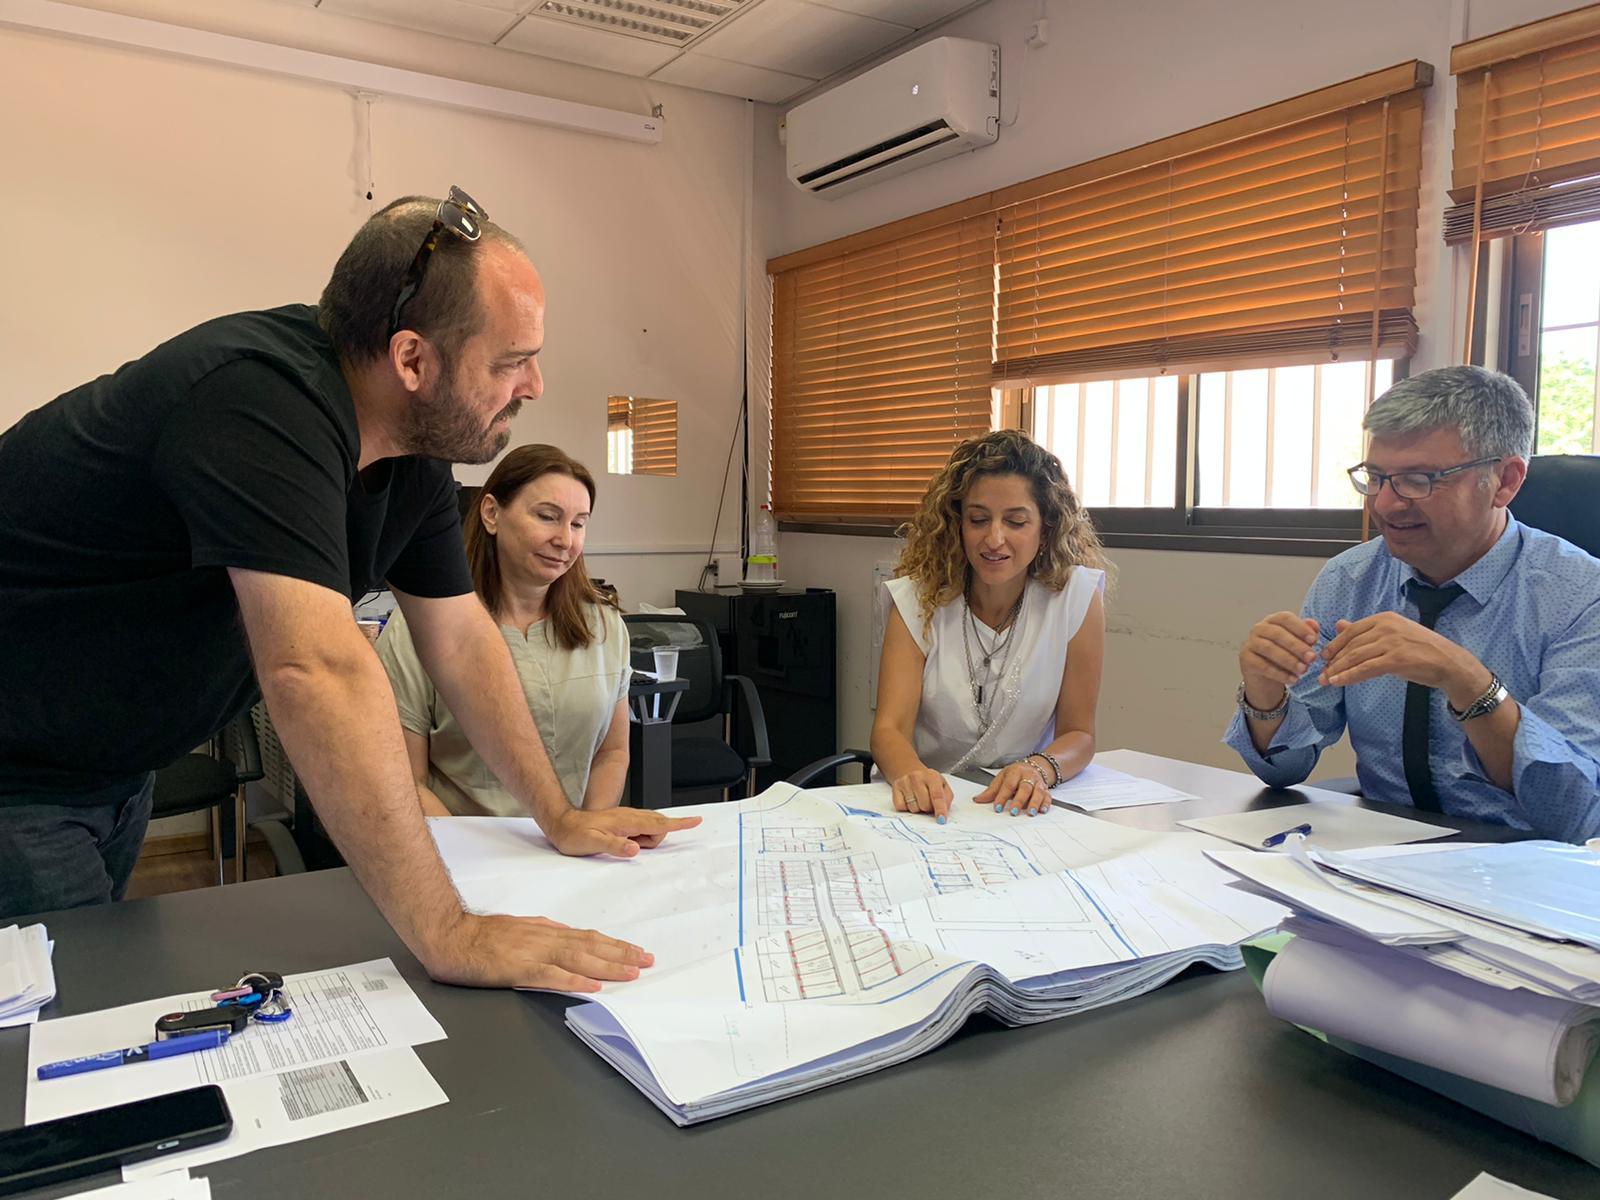 עיריית רמלה תקים מרכז וטרינרי מהמתקדמים בישראל 2